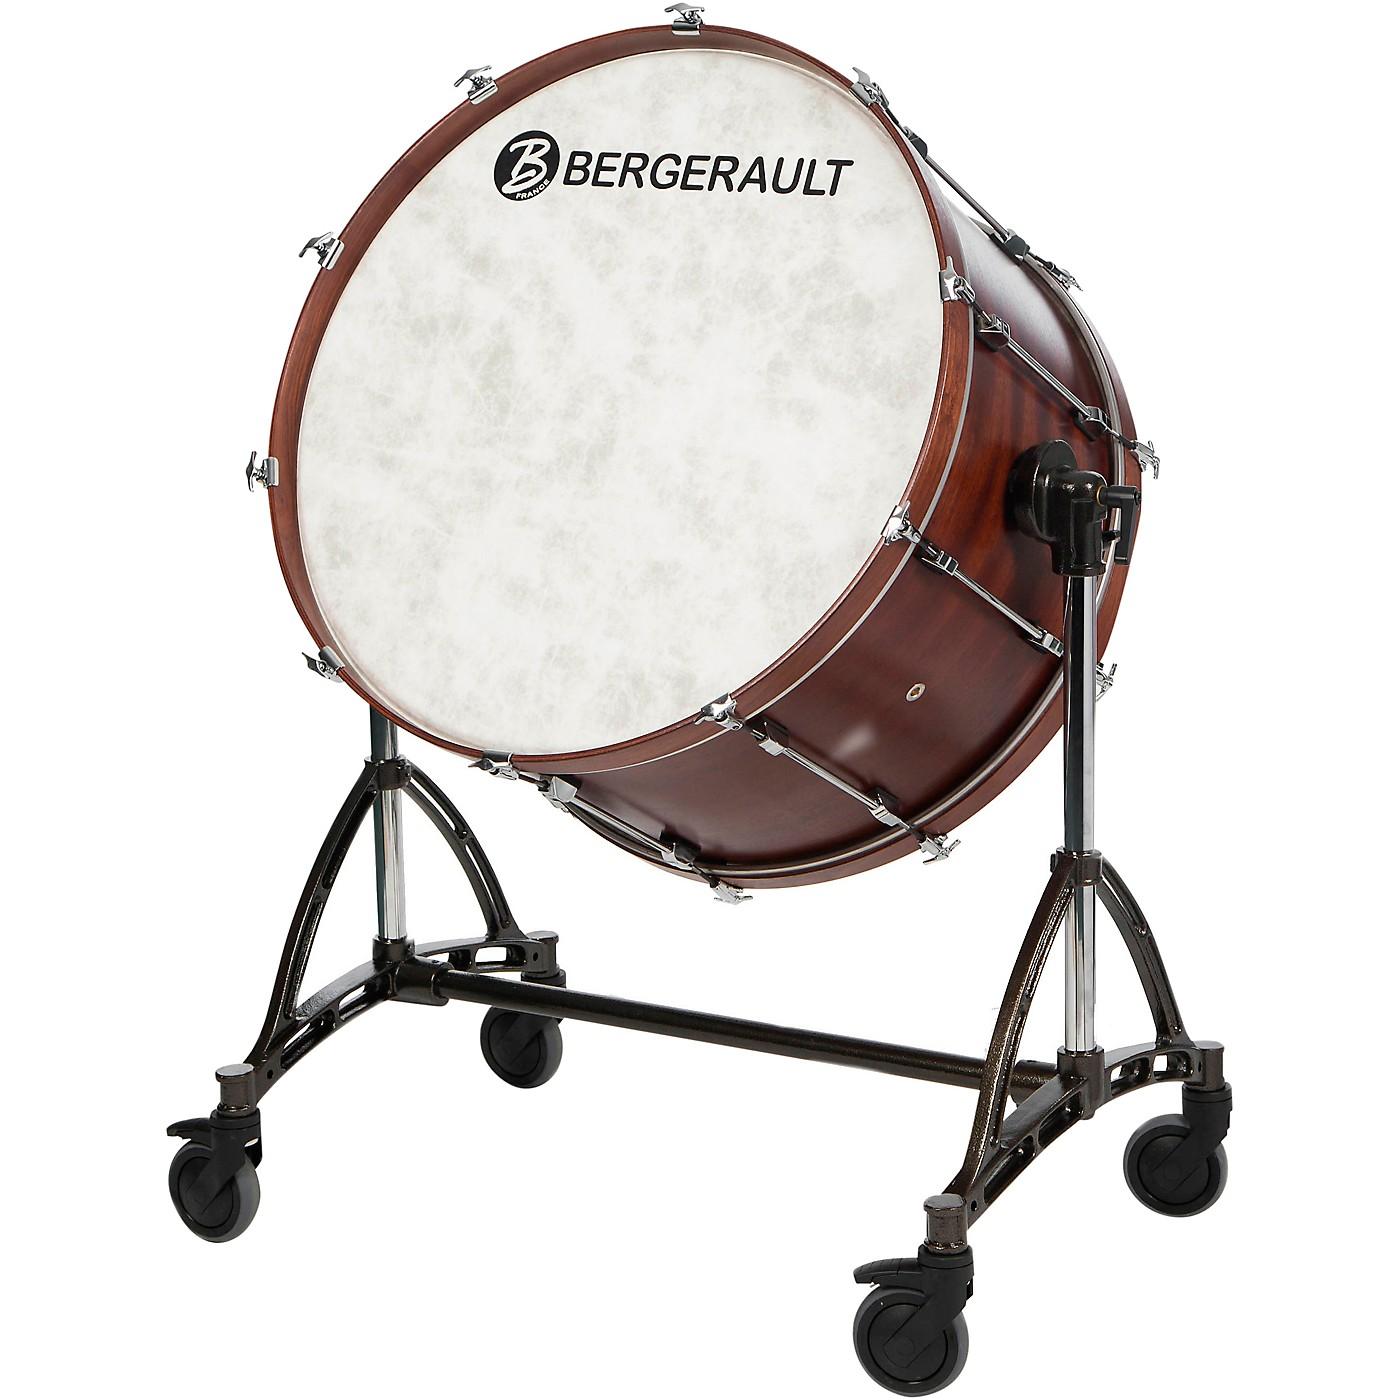 Bergerault Concert Bass Drum, 36x22